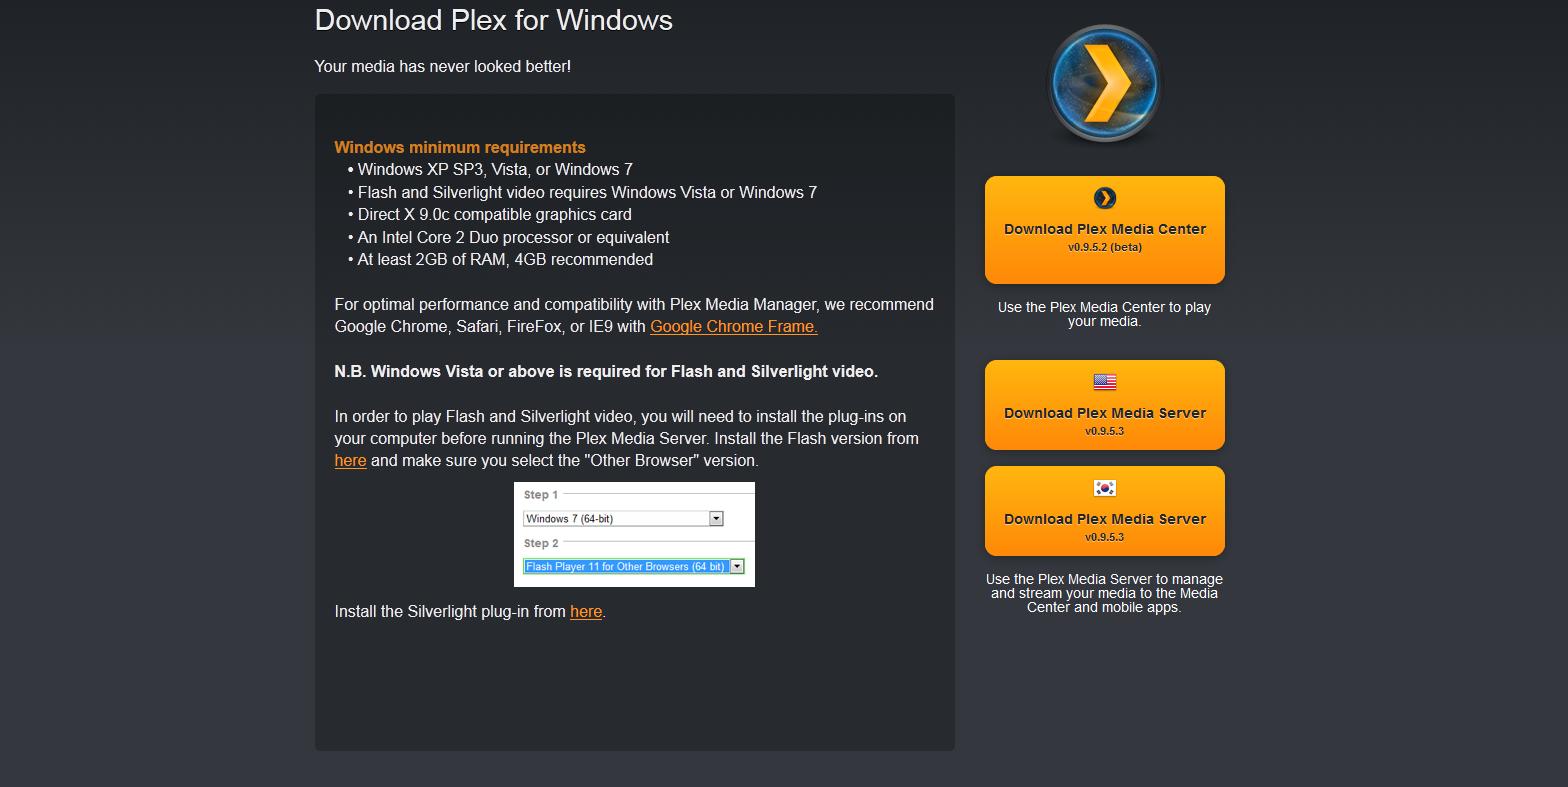 Plex Media Server Install Guide for Windows - HTPCBuild com